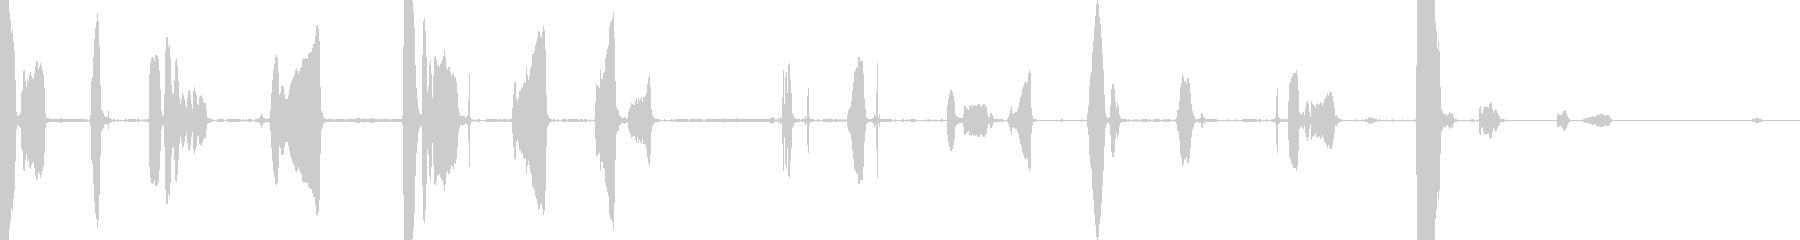 キャメルキャメルモーン、ロングの未再生の波形